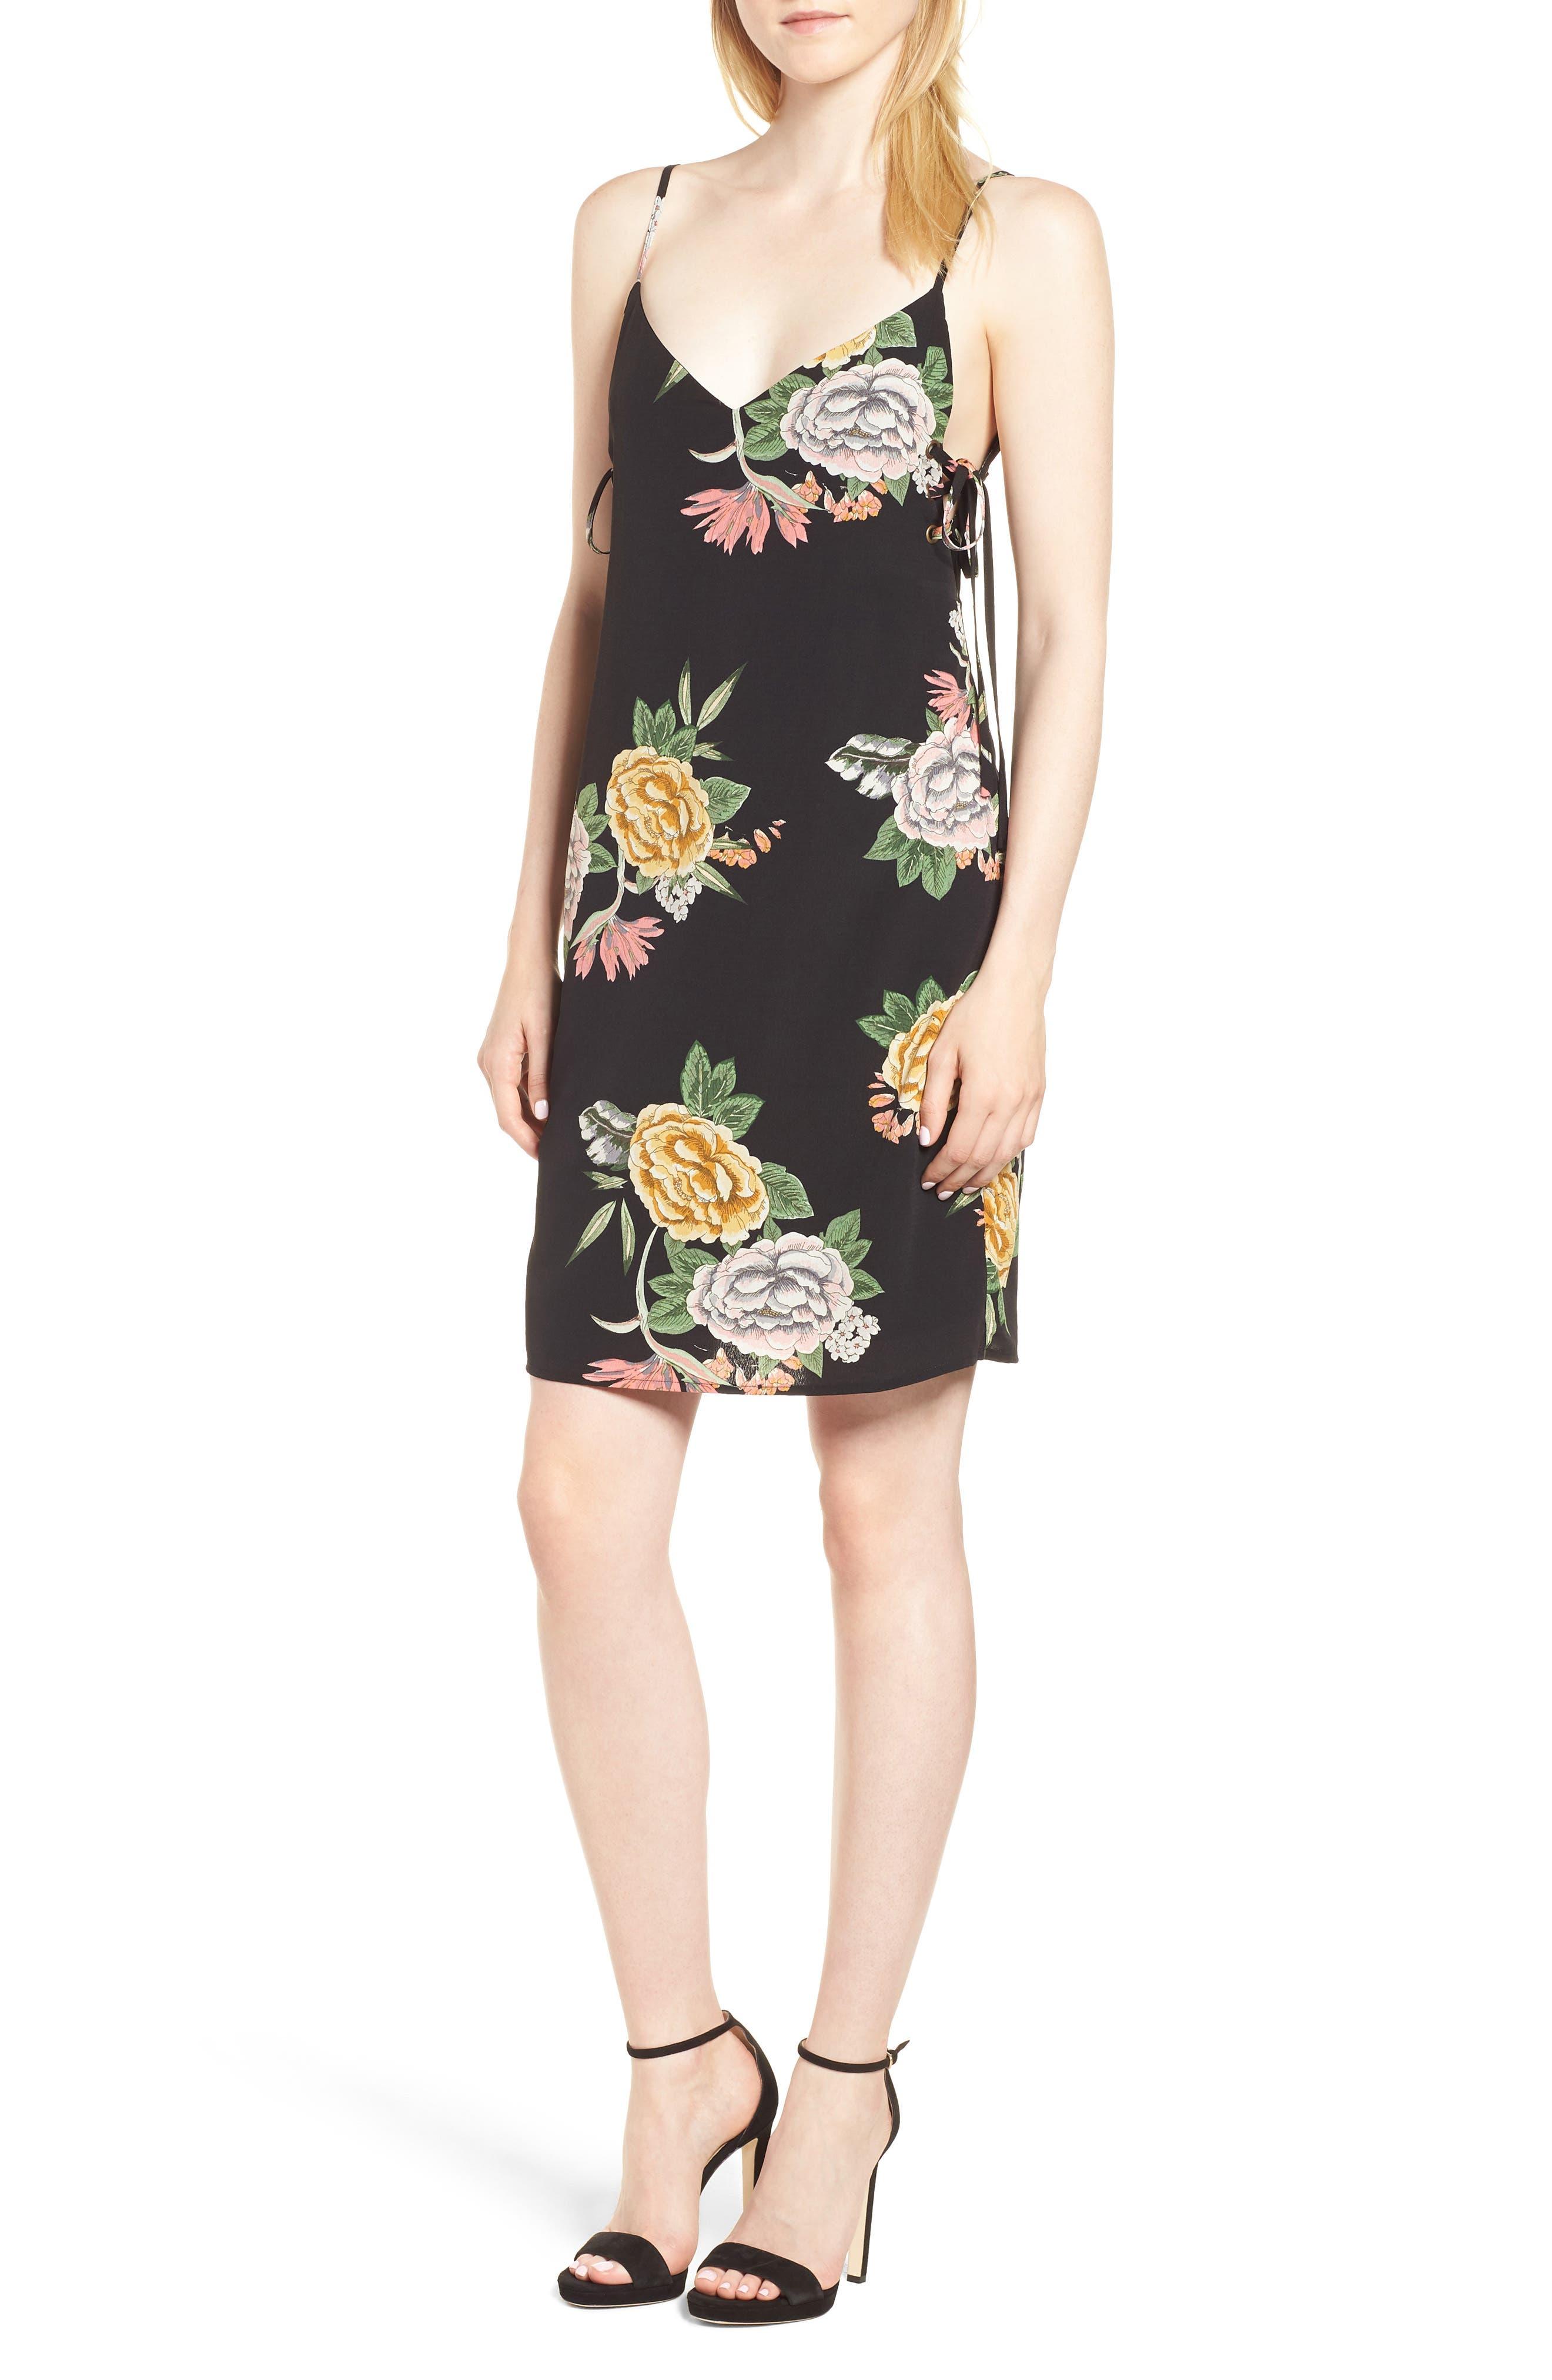 Enchanted Garden Lace-Up Dress,                         Main,                         color, ENCHANTED GARDEN PRINT